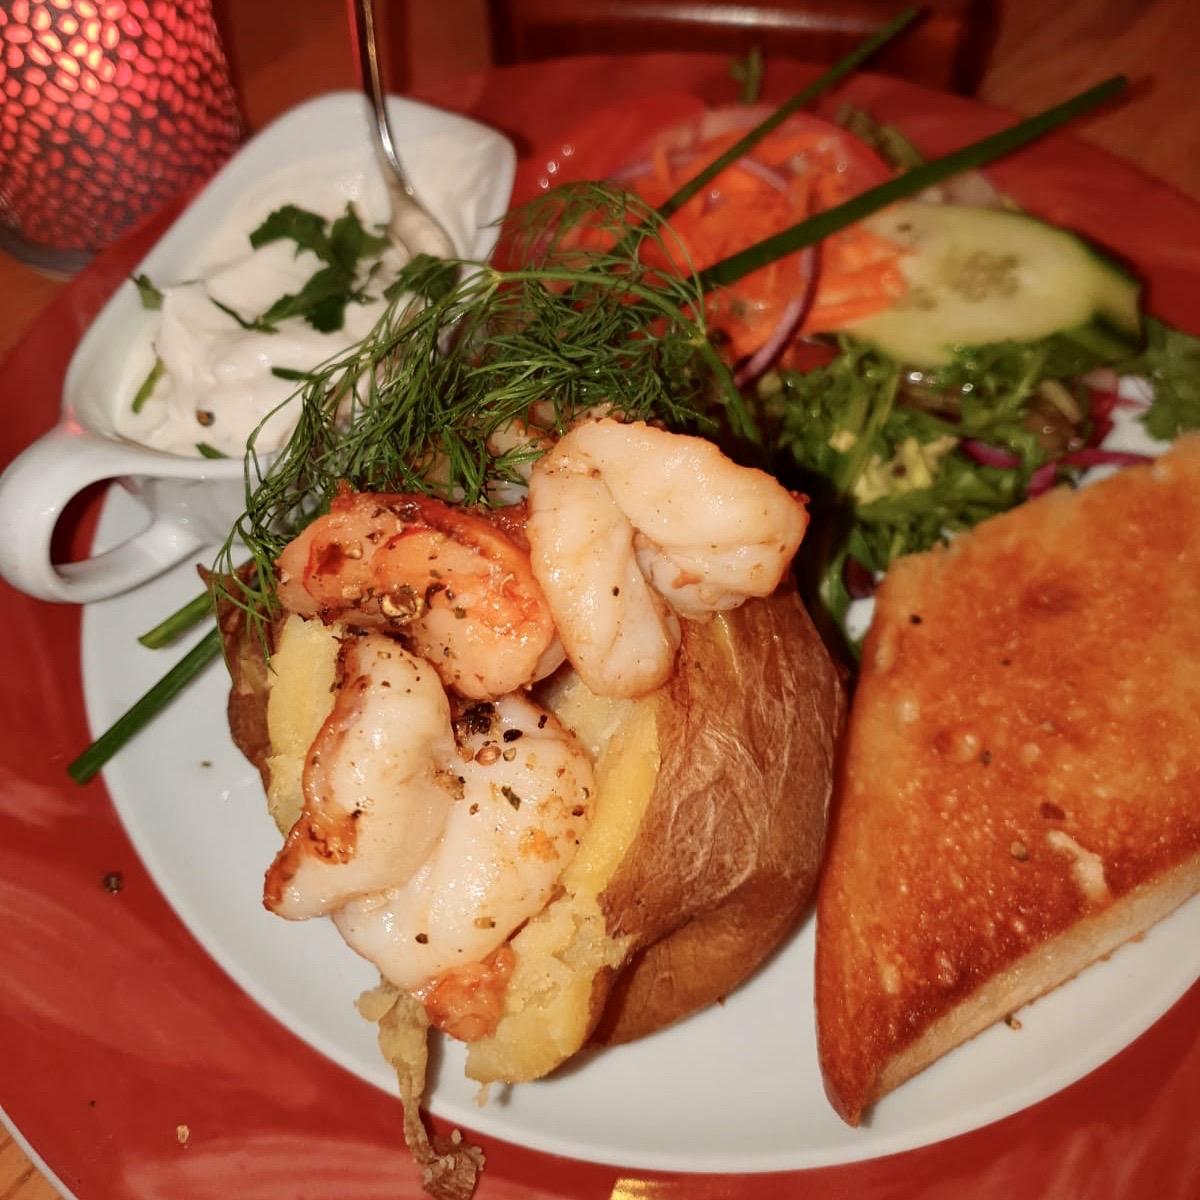 Eckstein-Restaurant-Eimsbüttel-Burger-Steaks-Fisch-Baked Potato Scampi